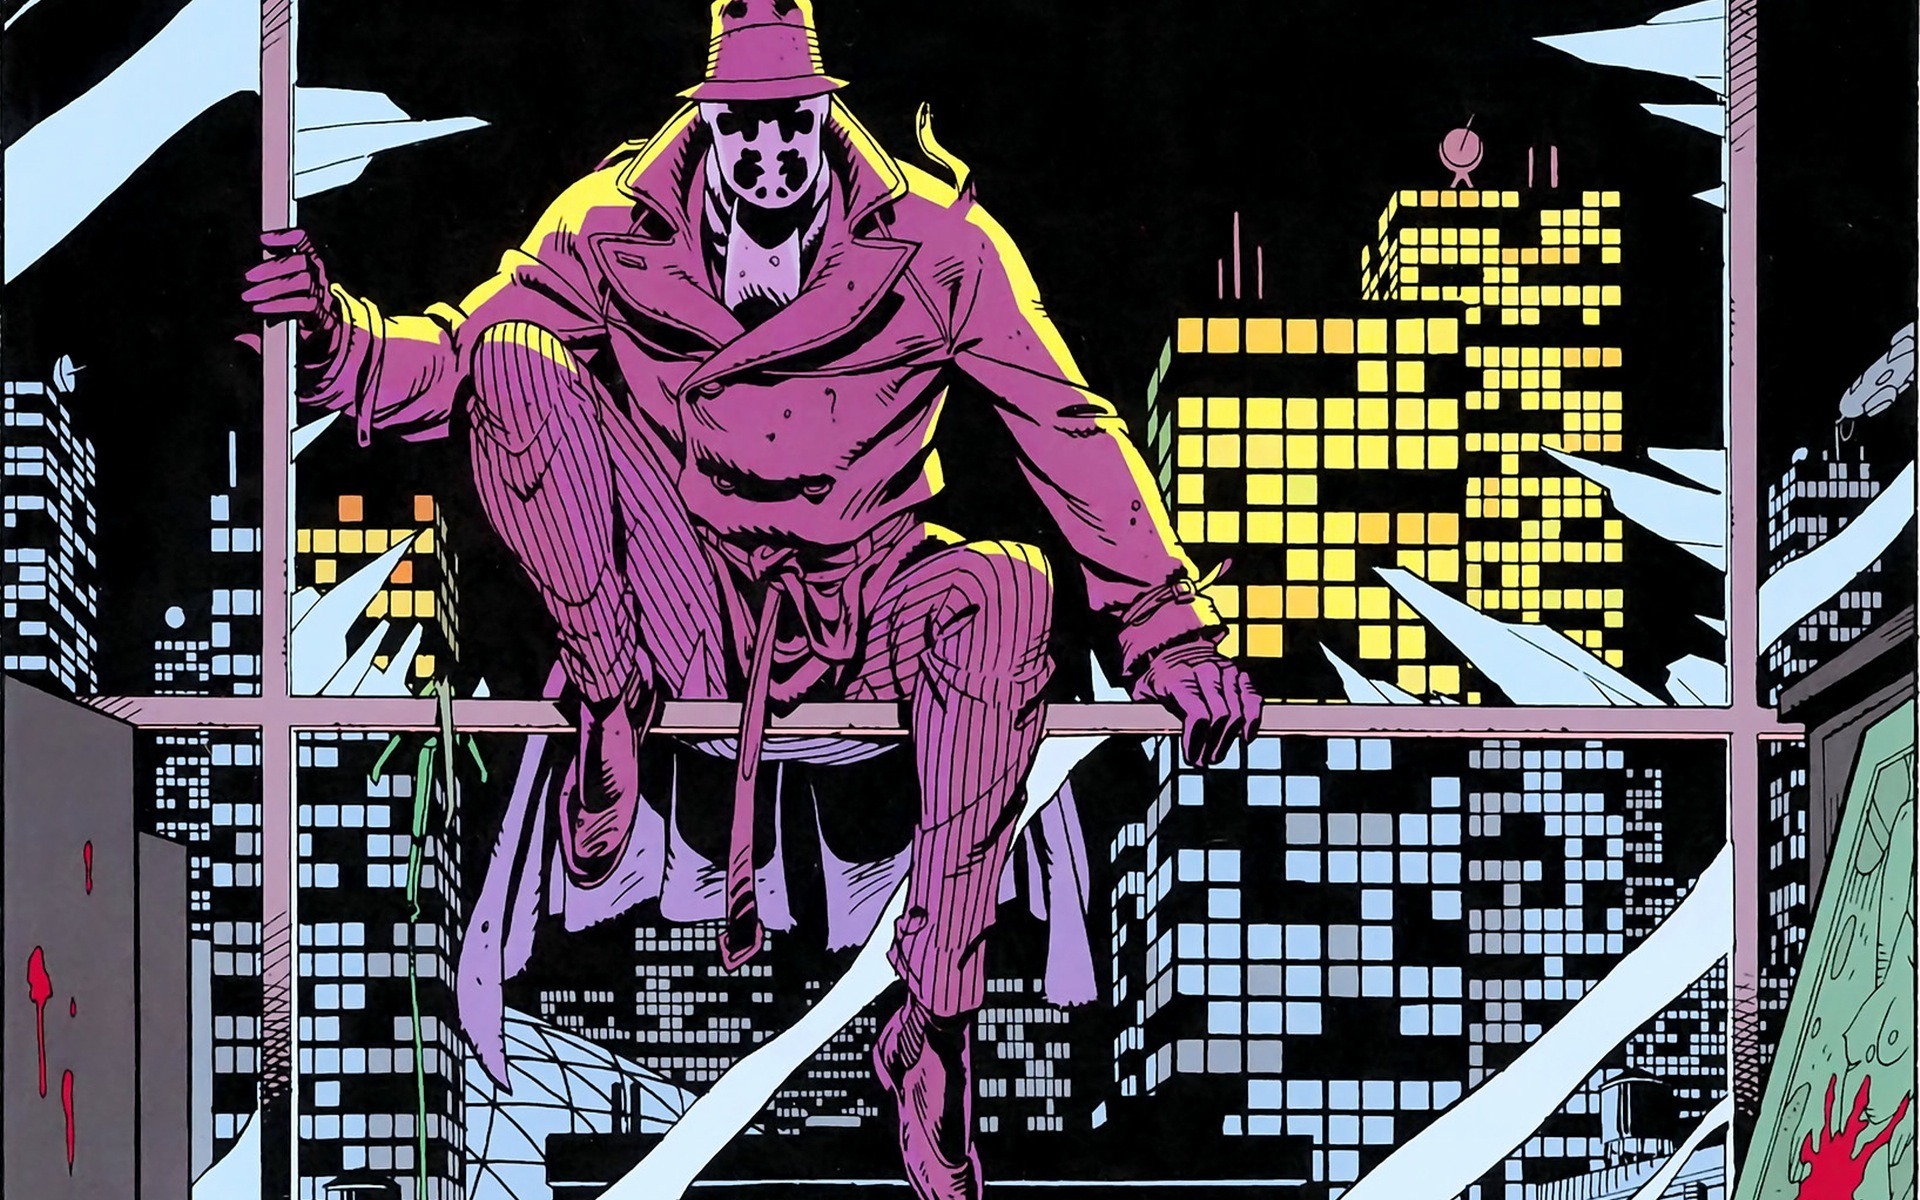 Алън Муур, комиксите, идеите и изкуството като магия